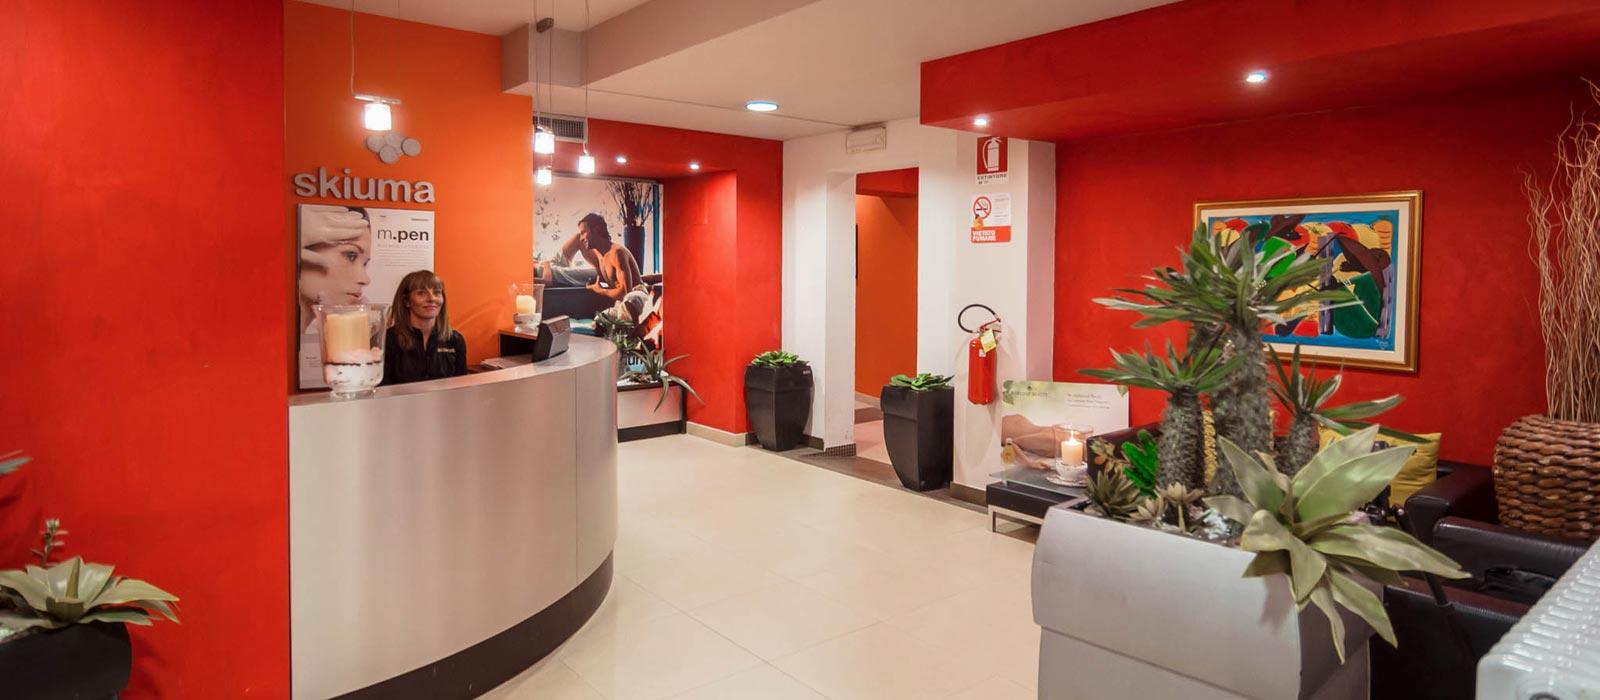 Hotel con spa e piscina bologna skiuma hotel centergross for Hotel ortigia con spa